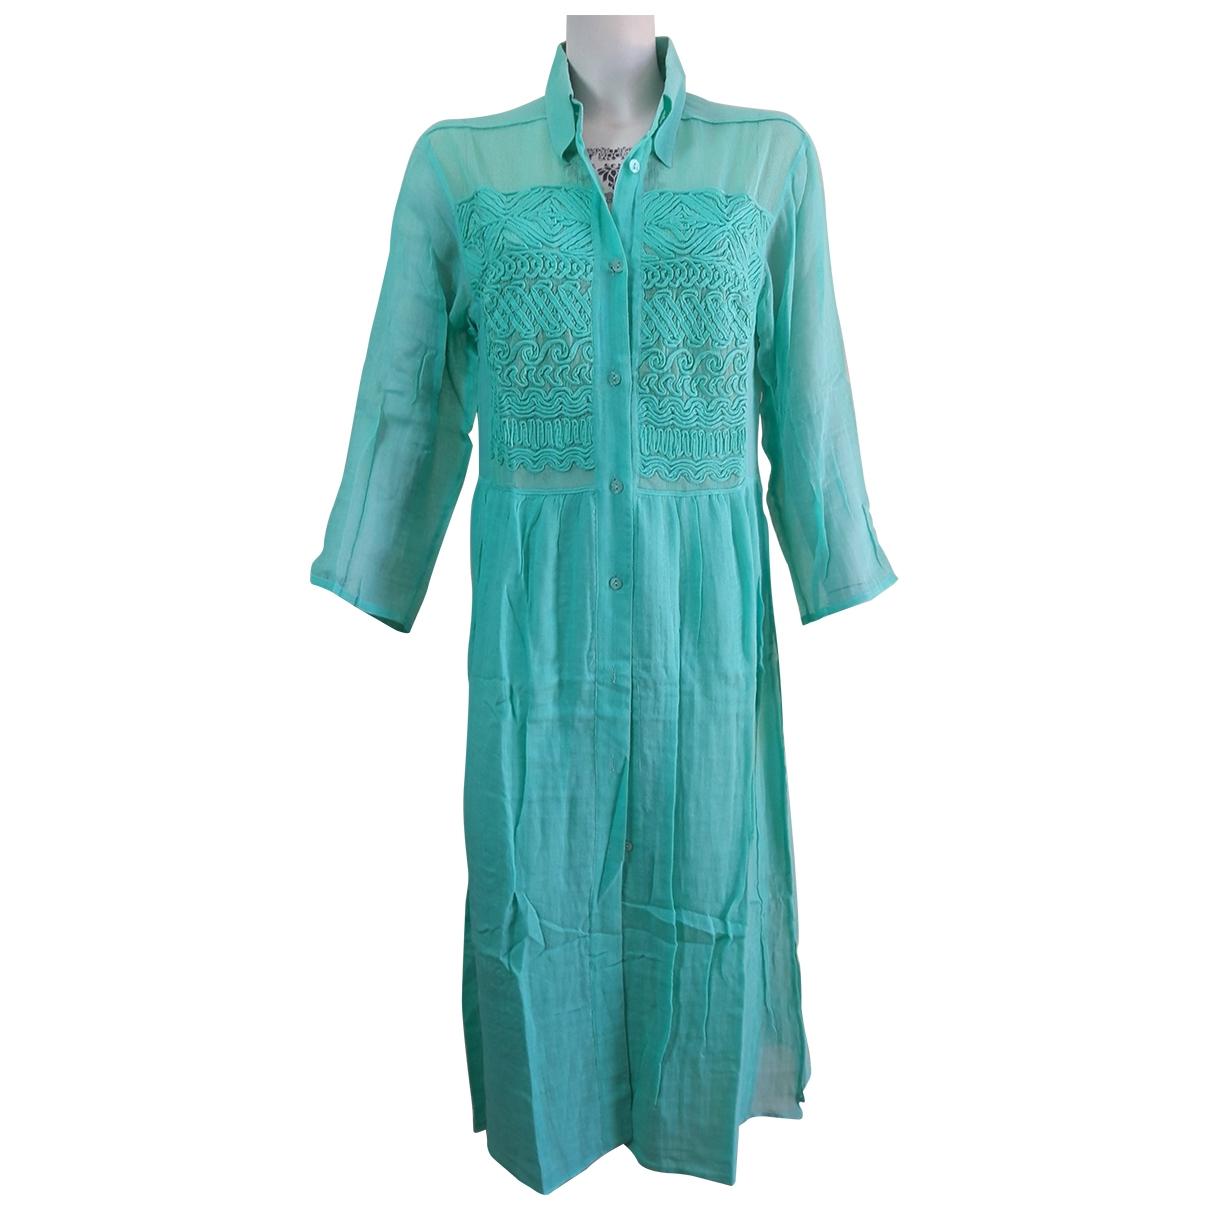 La Perla \N Green Cotton dress for Women 44 IT